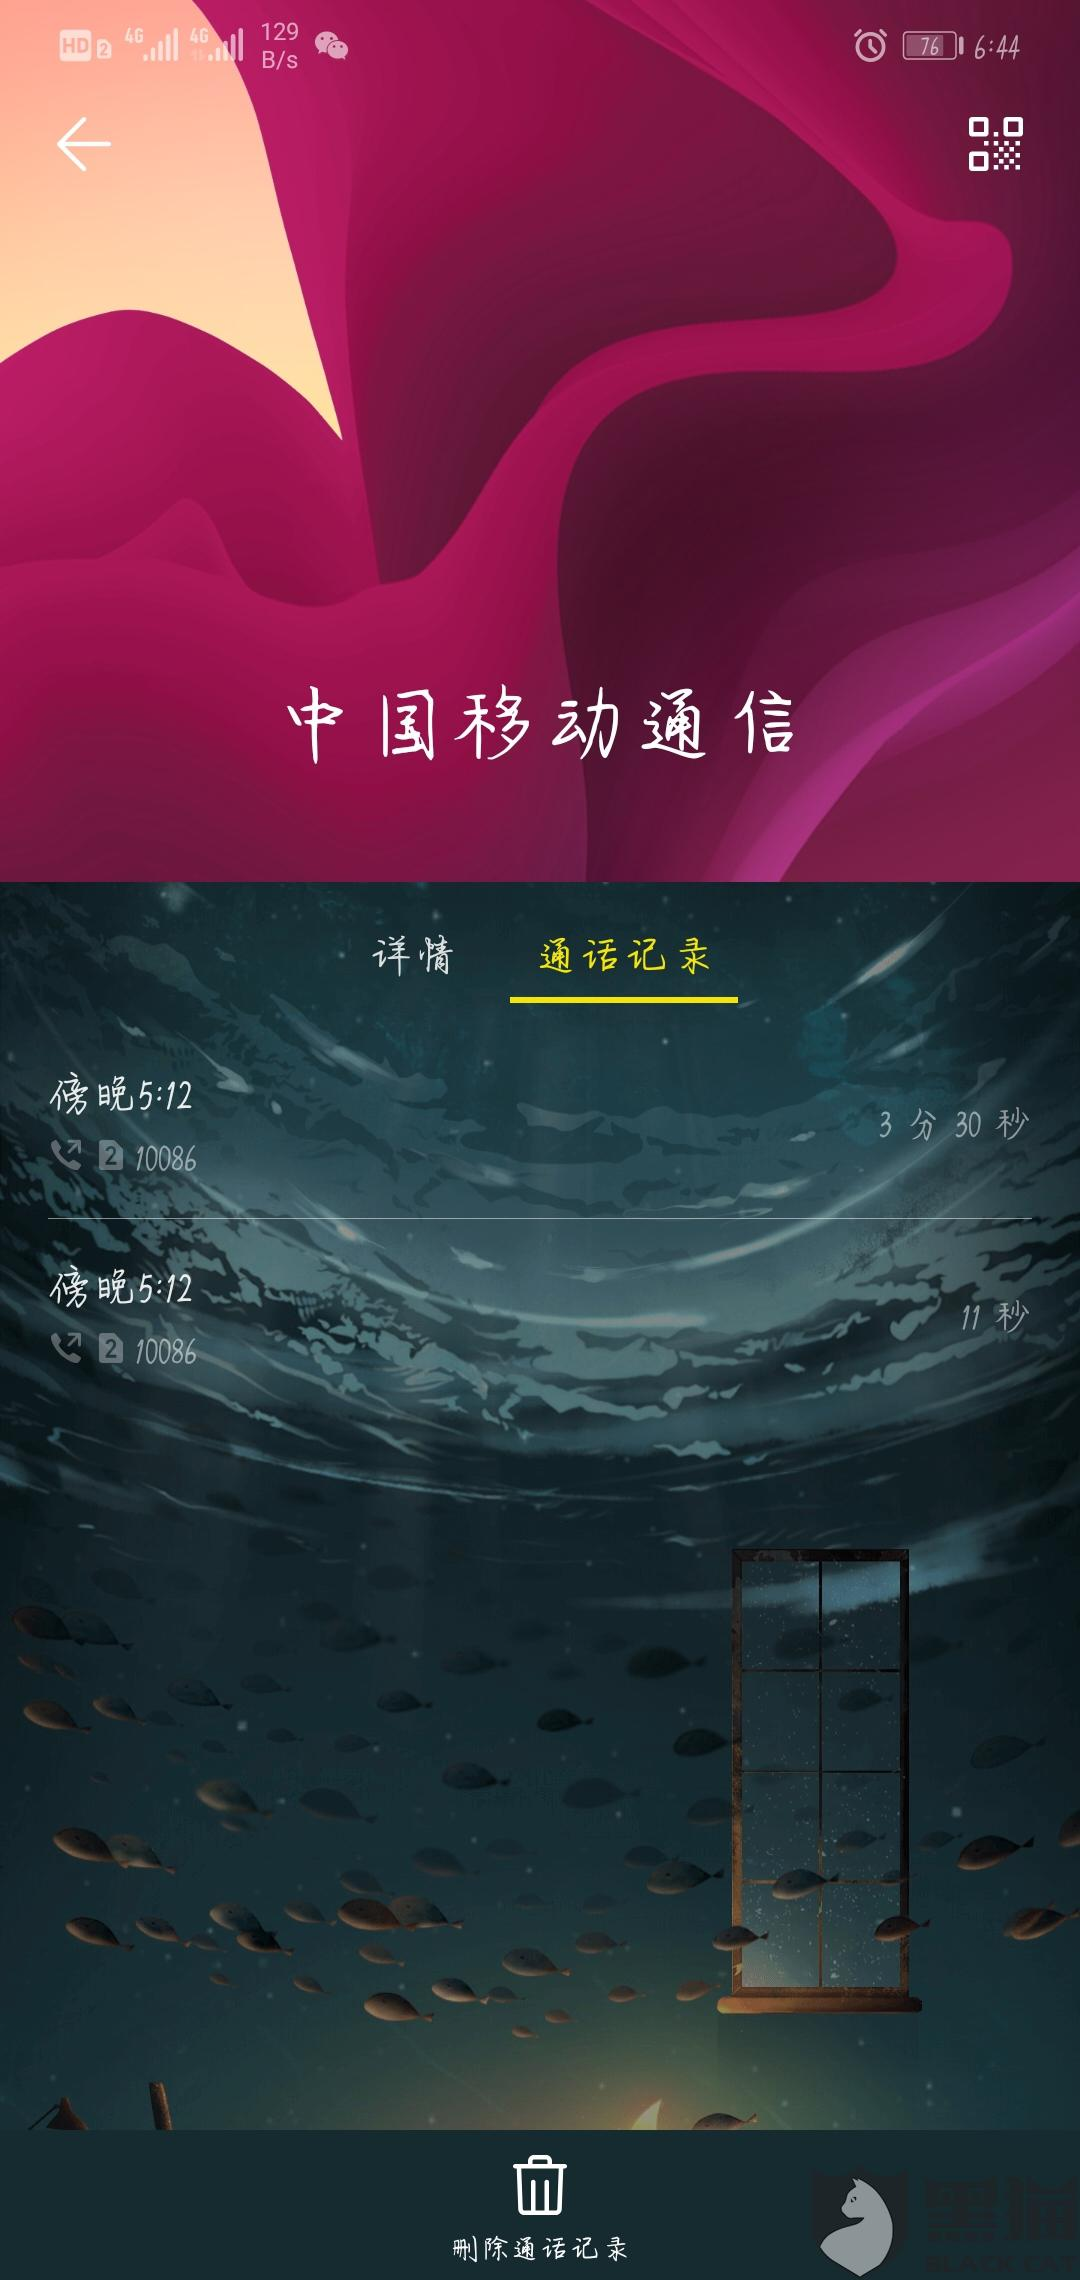 黑猫投诉:中国移动异地取消宽带难,望解决